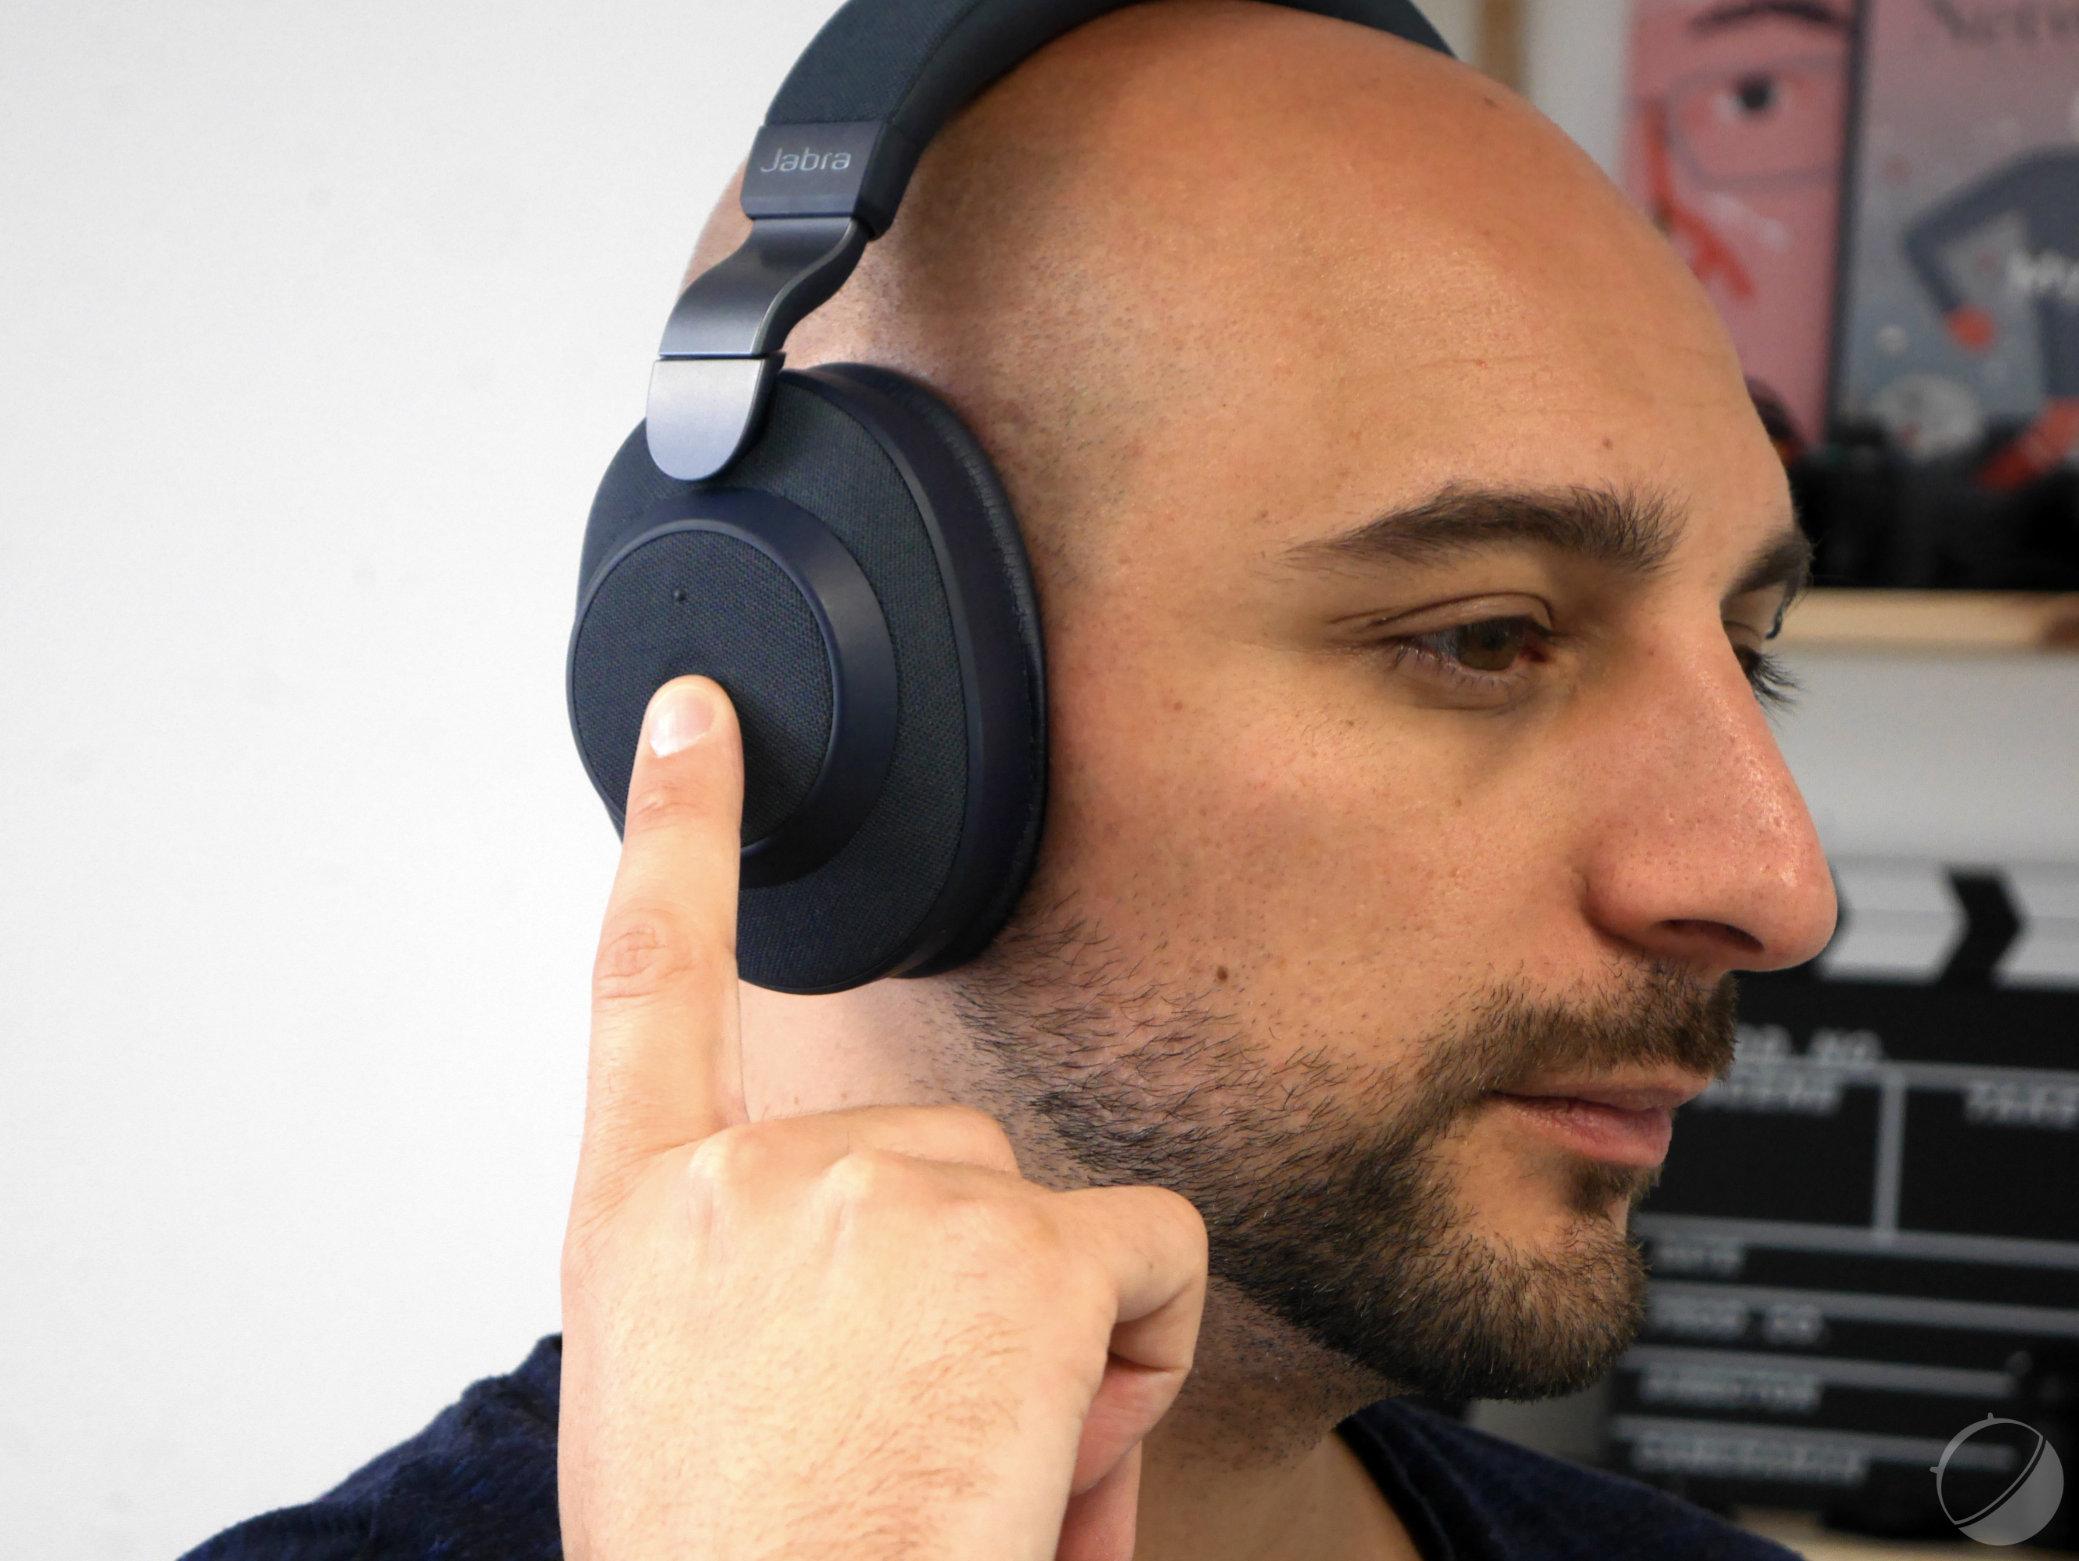 Apple imagine un casque audio que l'on peut mettre dans les deux sens